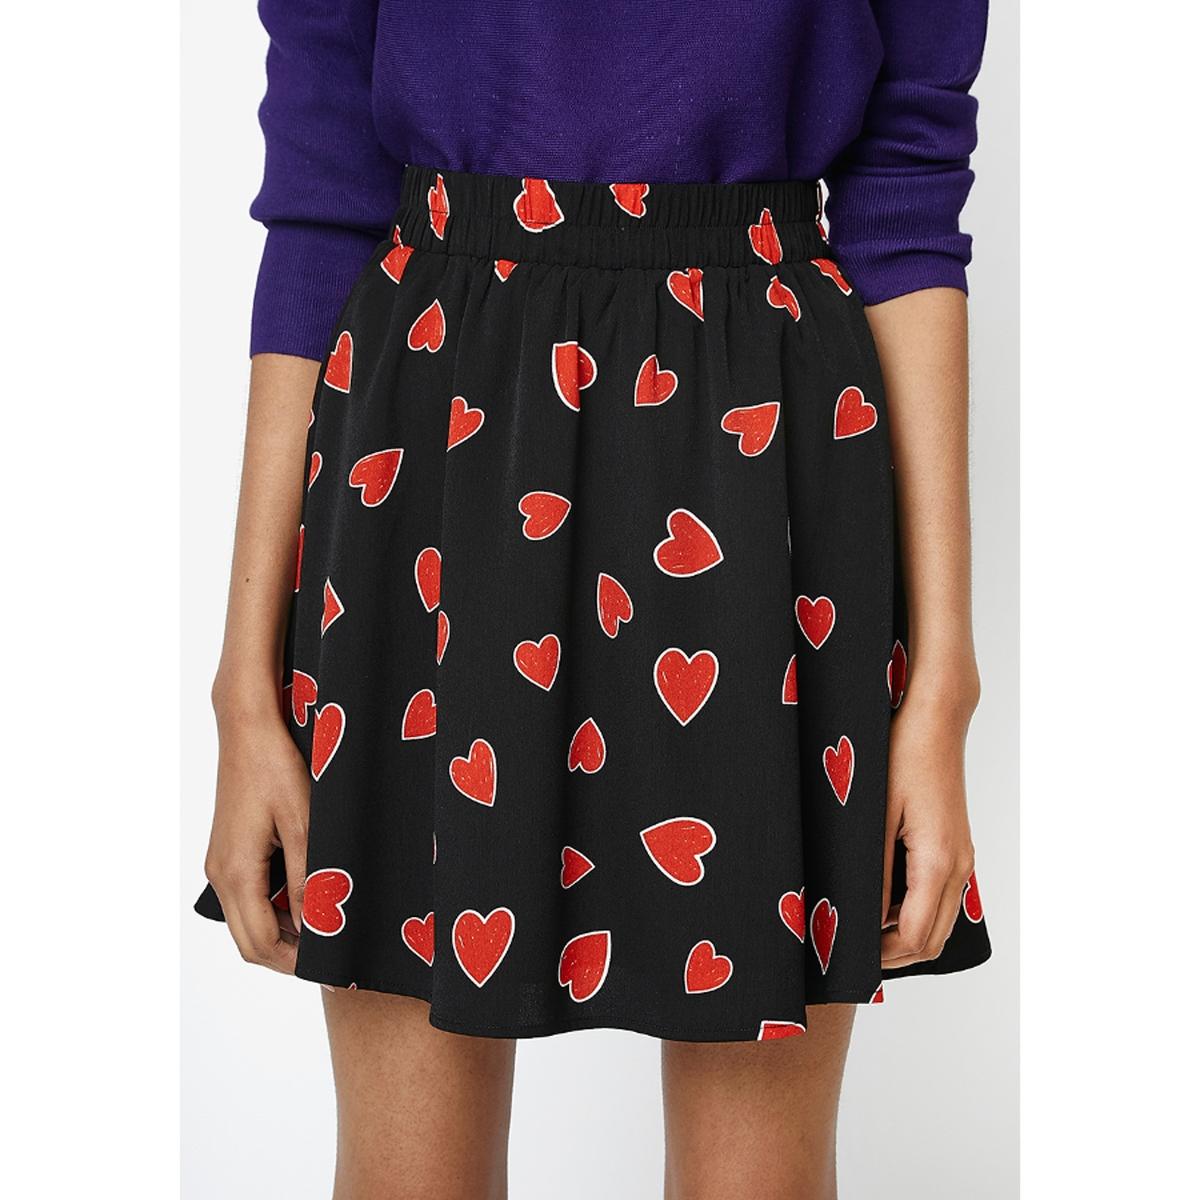 Юбка La Redoute Укороченная с завышенной талией с рисунком сердечки M черный юбка la redoute короткая с завышенной талией и цветочным рисунком xs зеленый